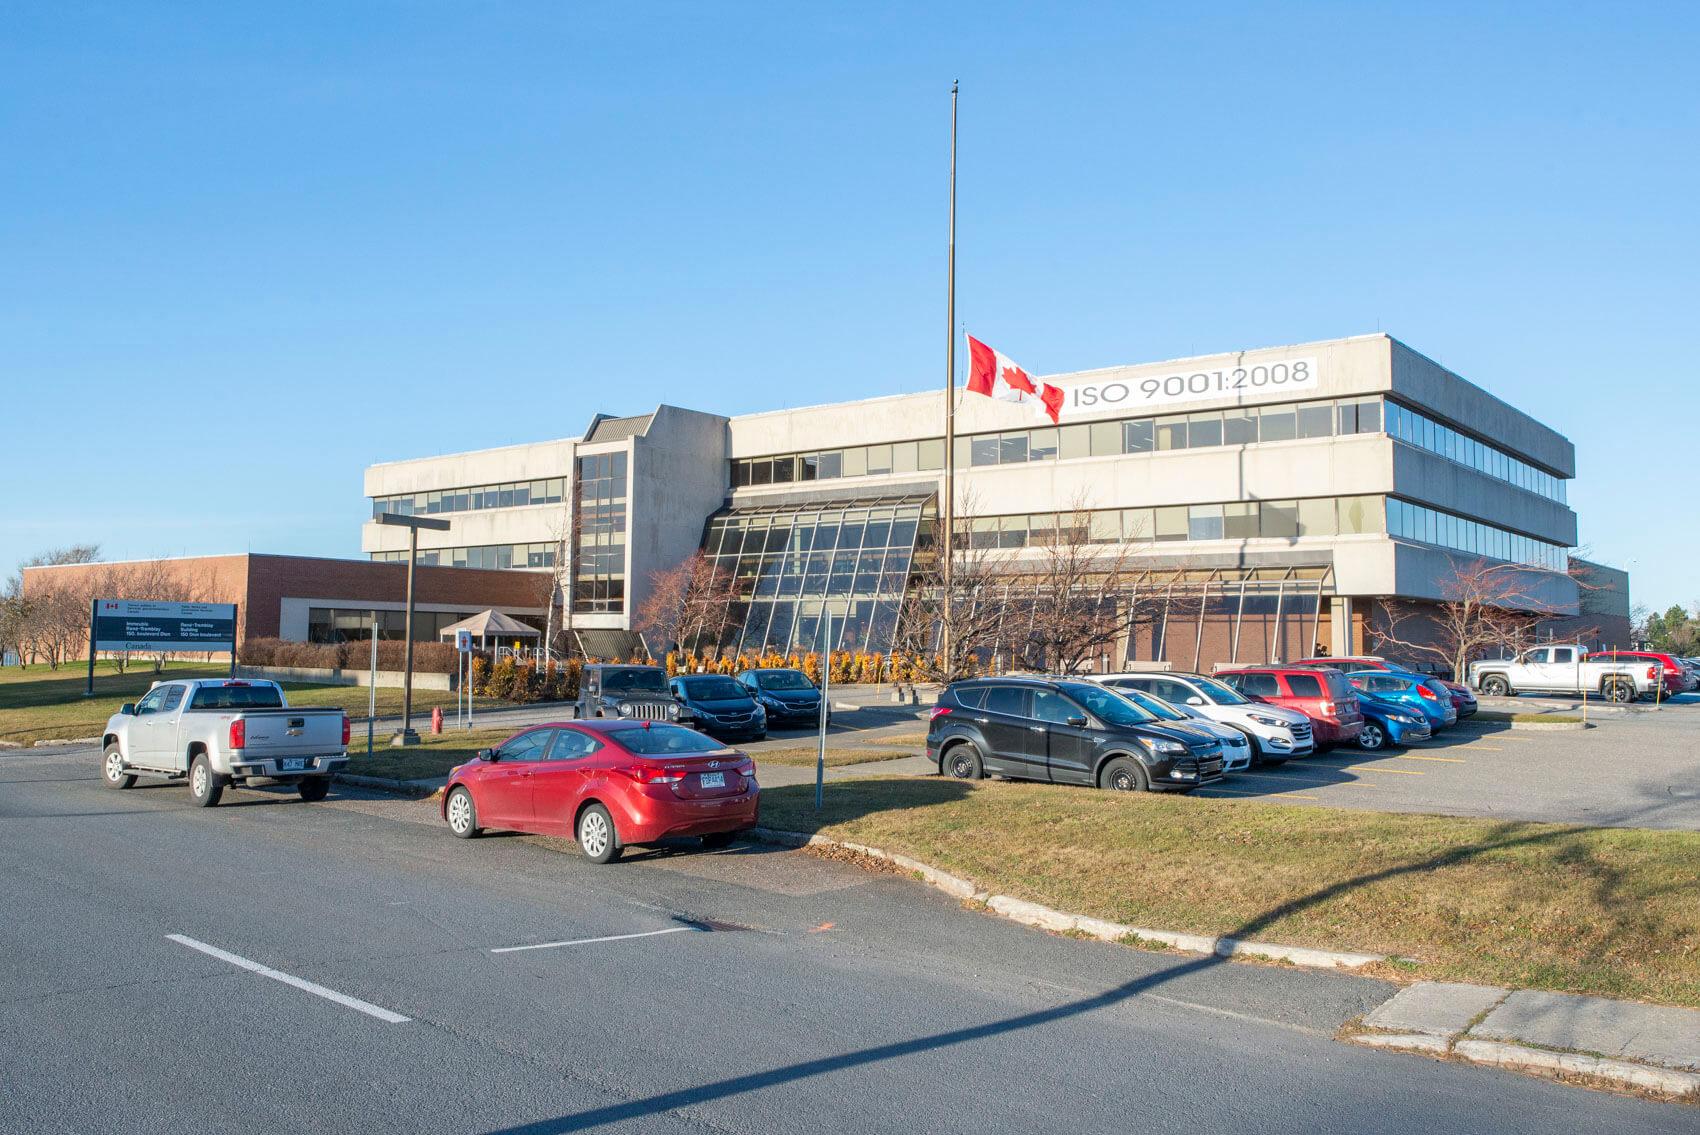 Édifice René-Tremblay Matane Travaux publics et Services gouvernementaux Canada emplois fédéraux